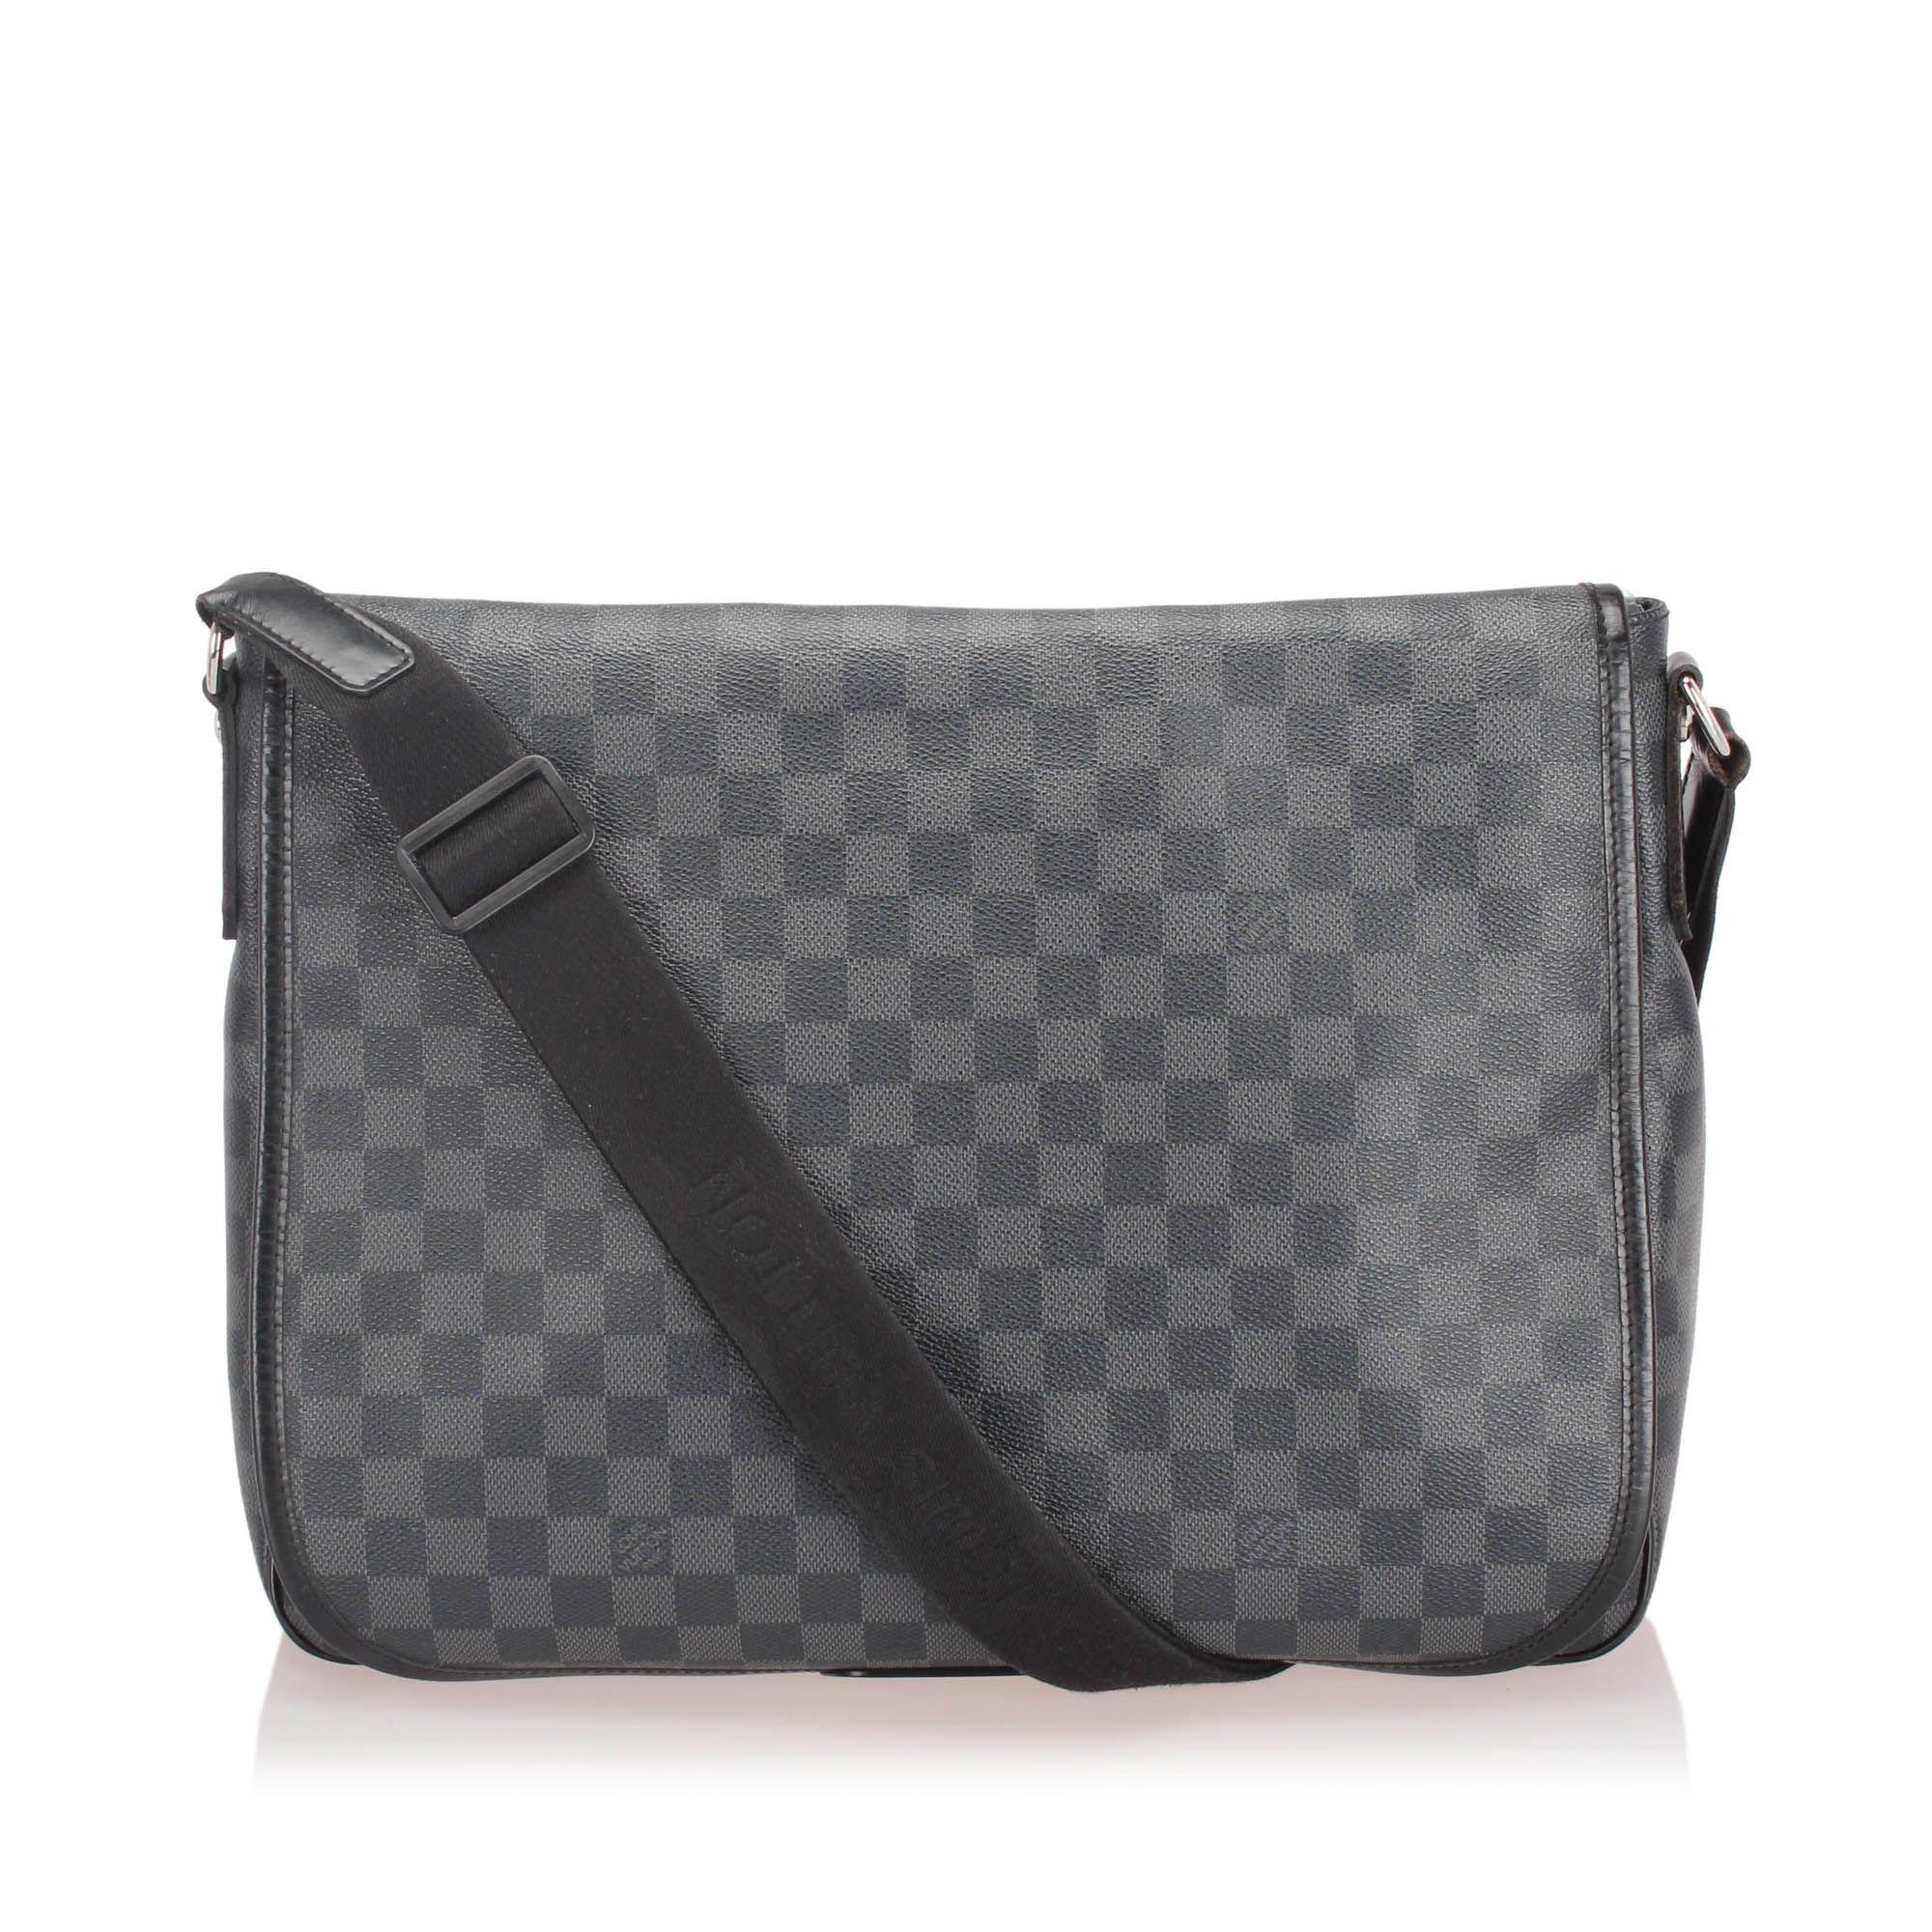 Vintage Louis Vuitton Damier Graphite Daniel GM Black